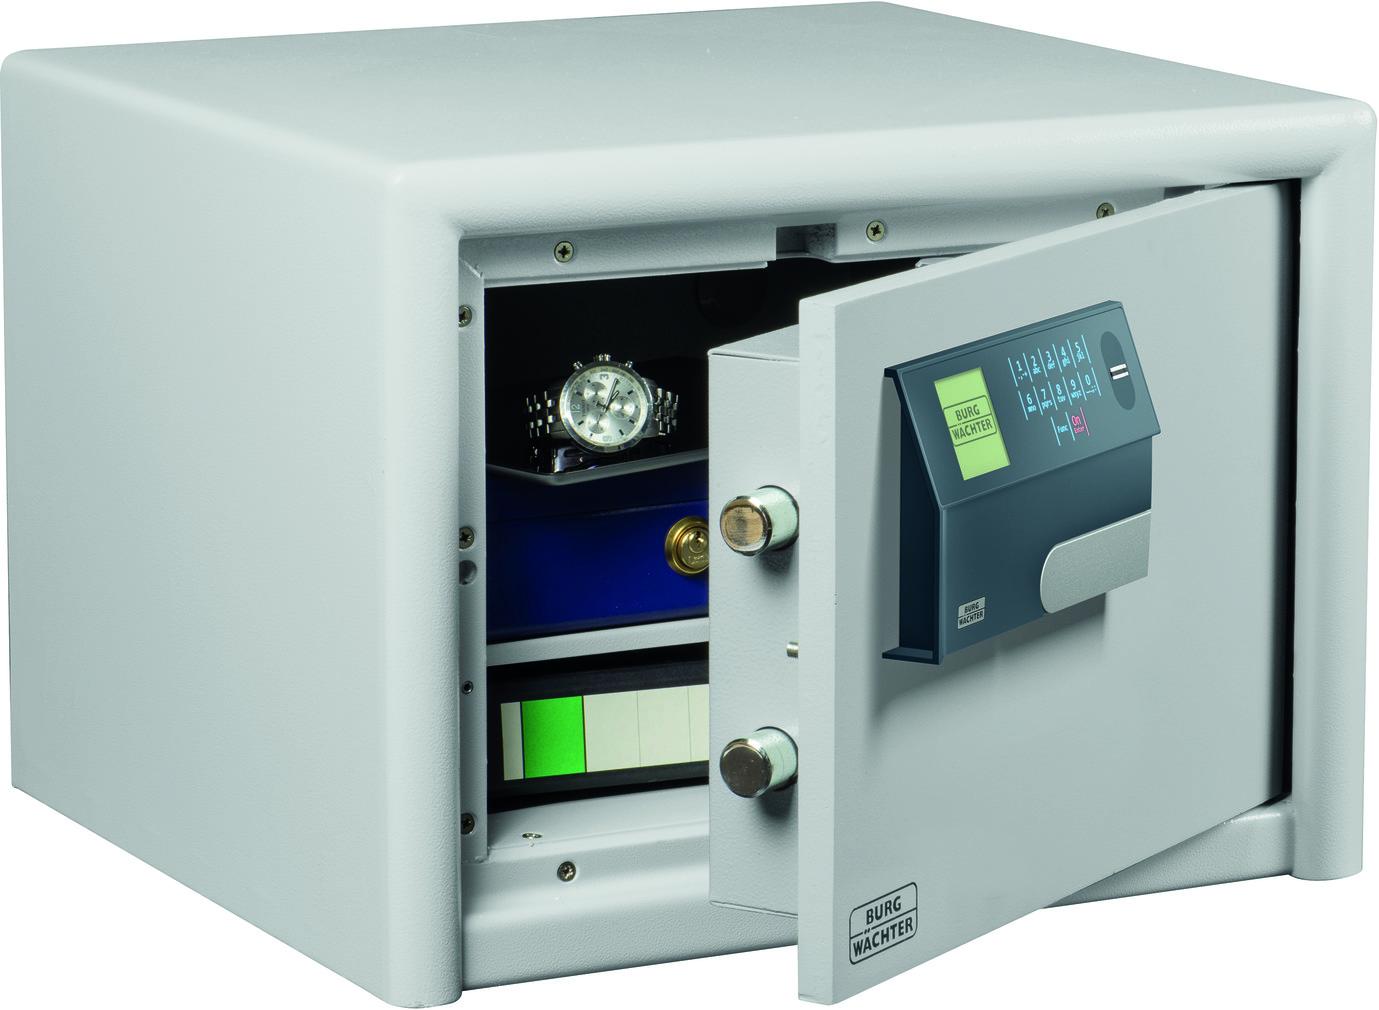 Coffres-forts coupe-feu avec empreinte digitale Dual-Safe BURG-WÄCHTER